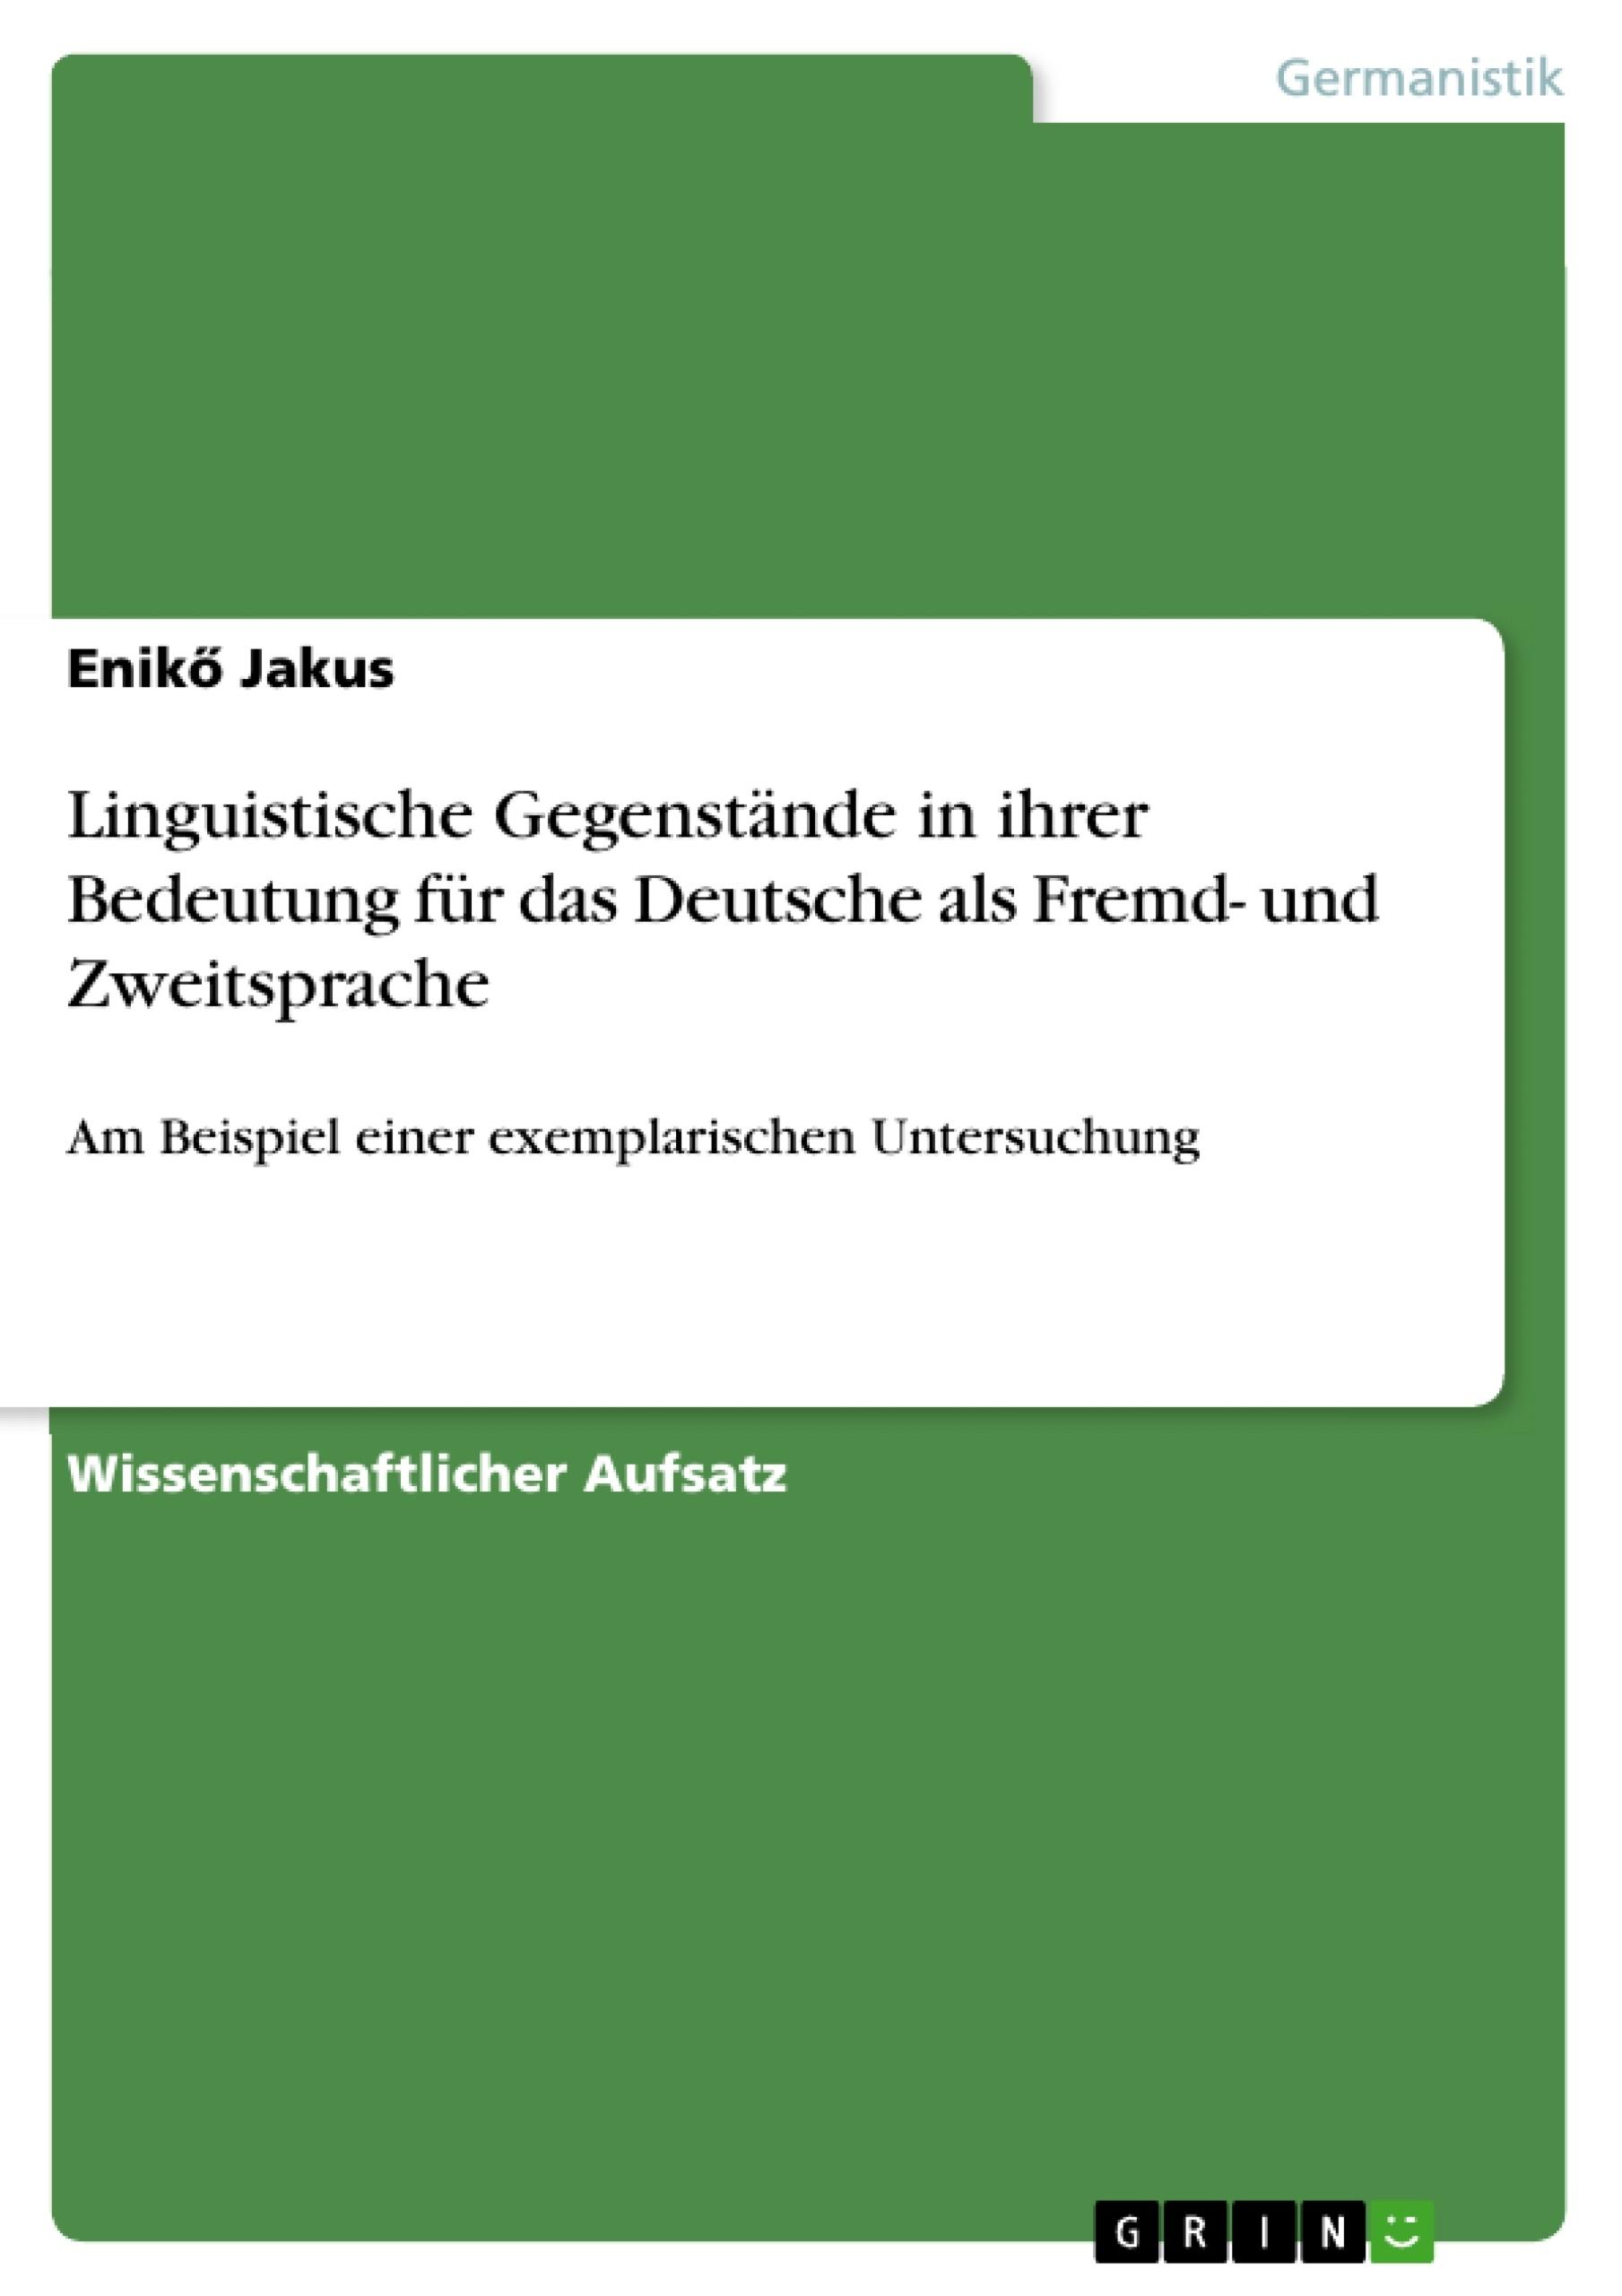 Titel: Linguistische Gegenstände in ihrer Bedeutung für das Deutsche als Fremd- und Zweitsprache